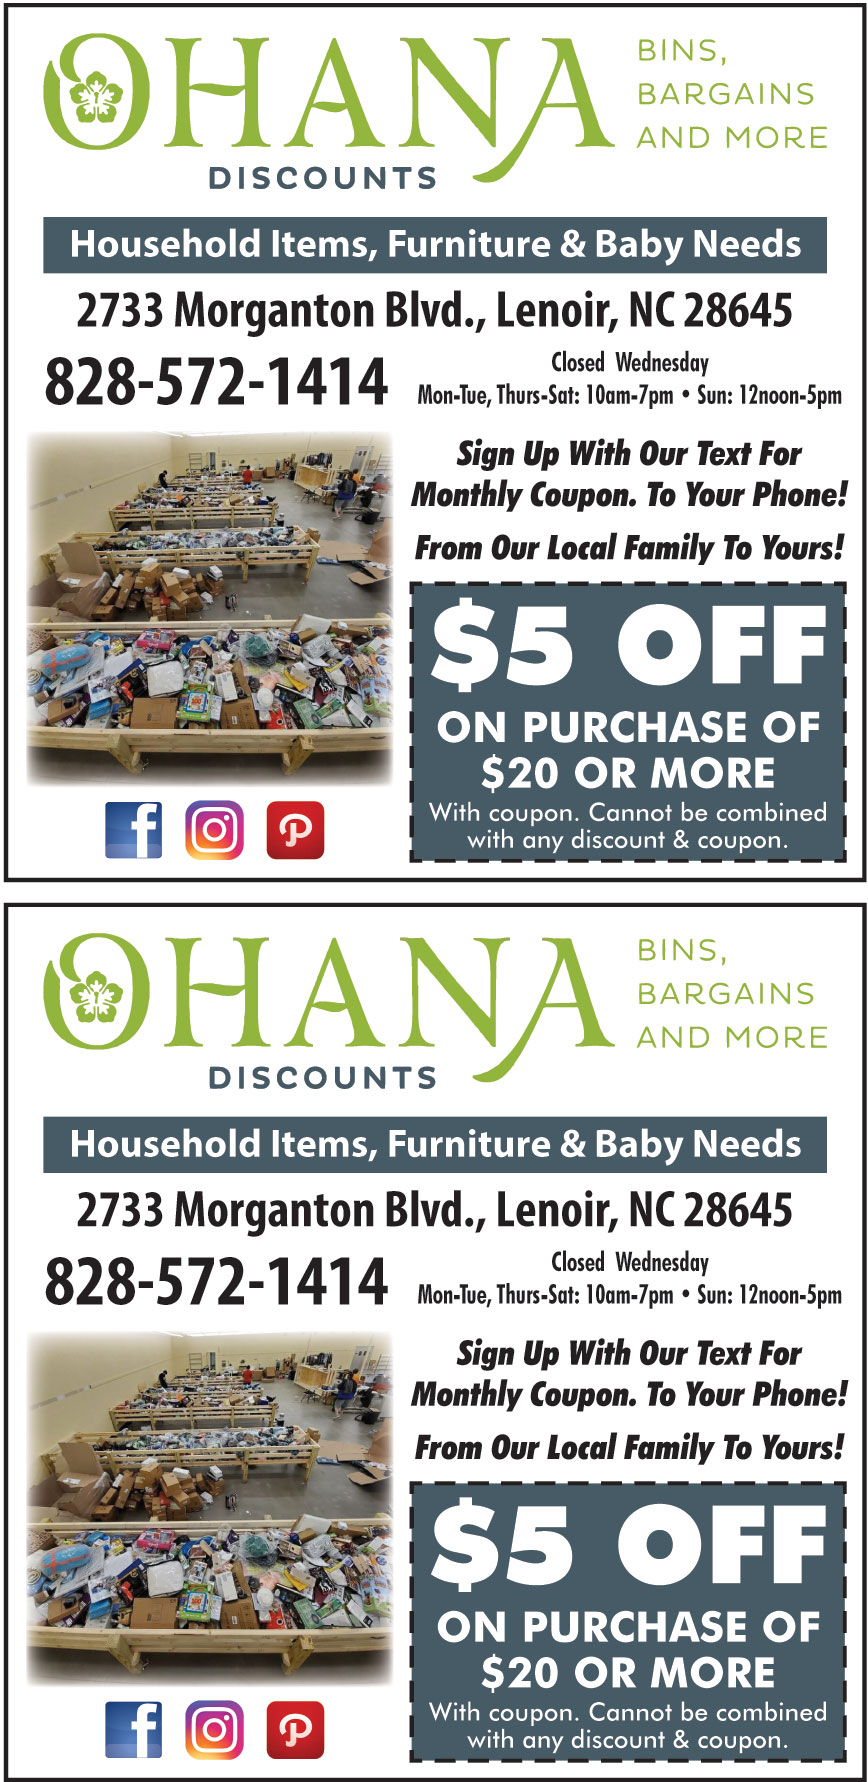 OHANA DISCOUNTS LLC